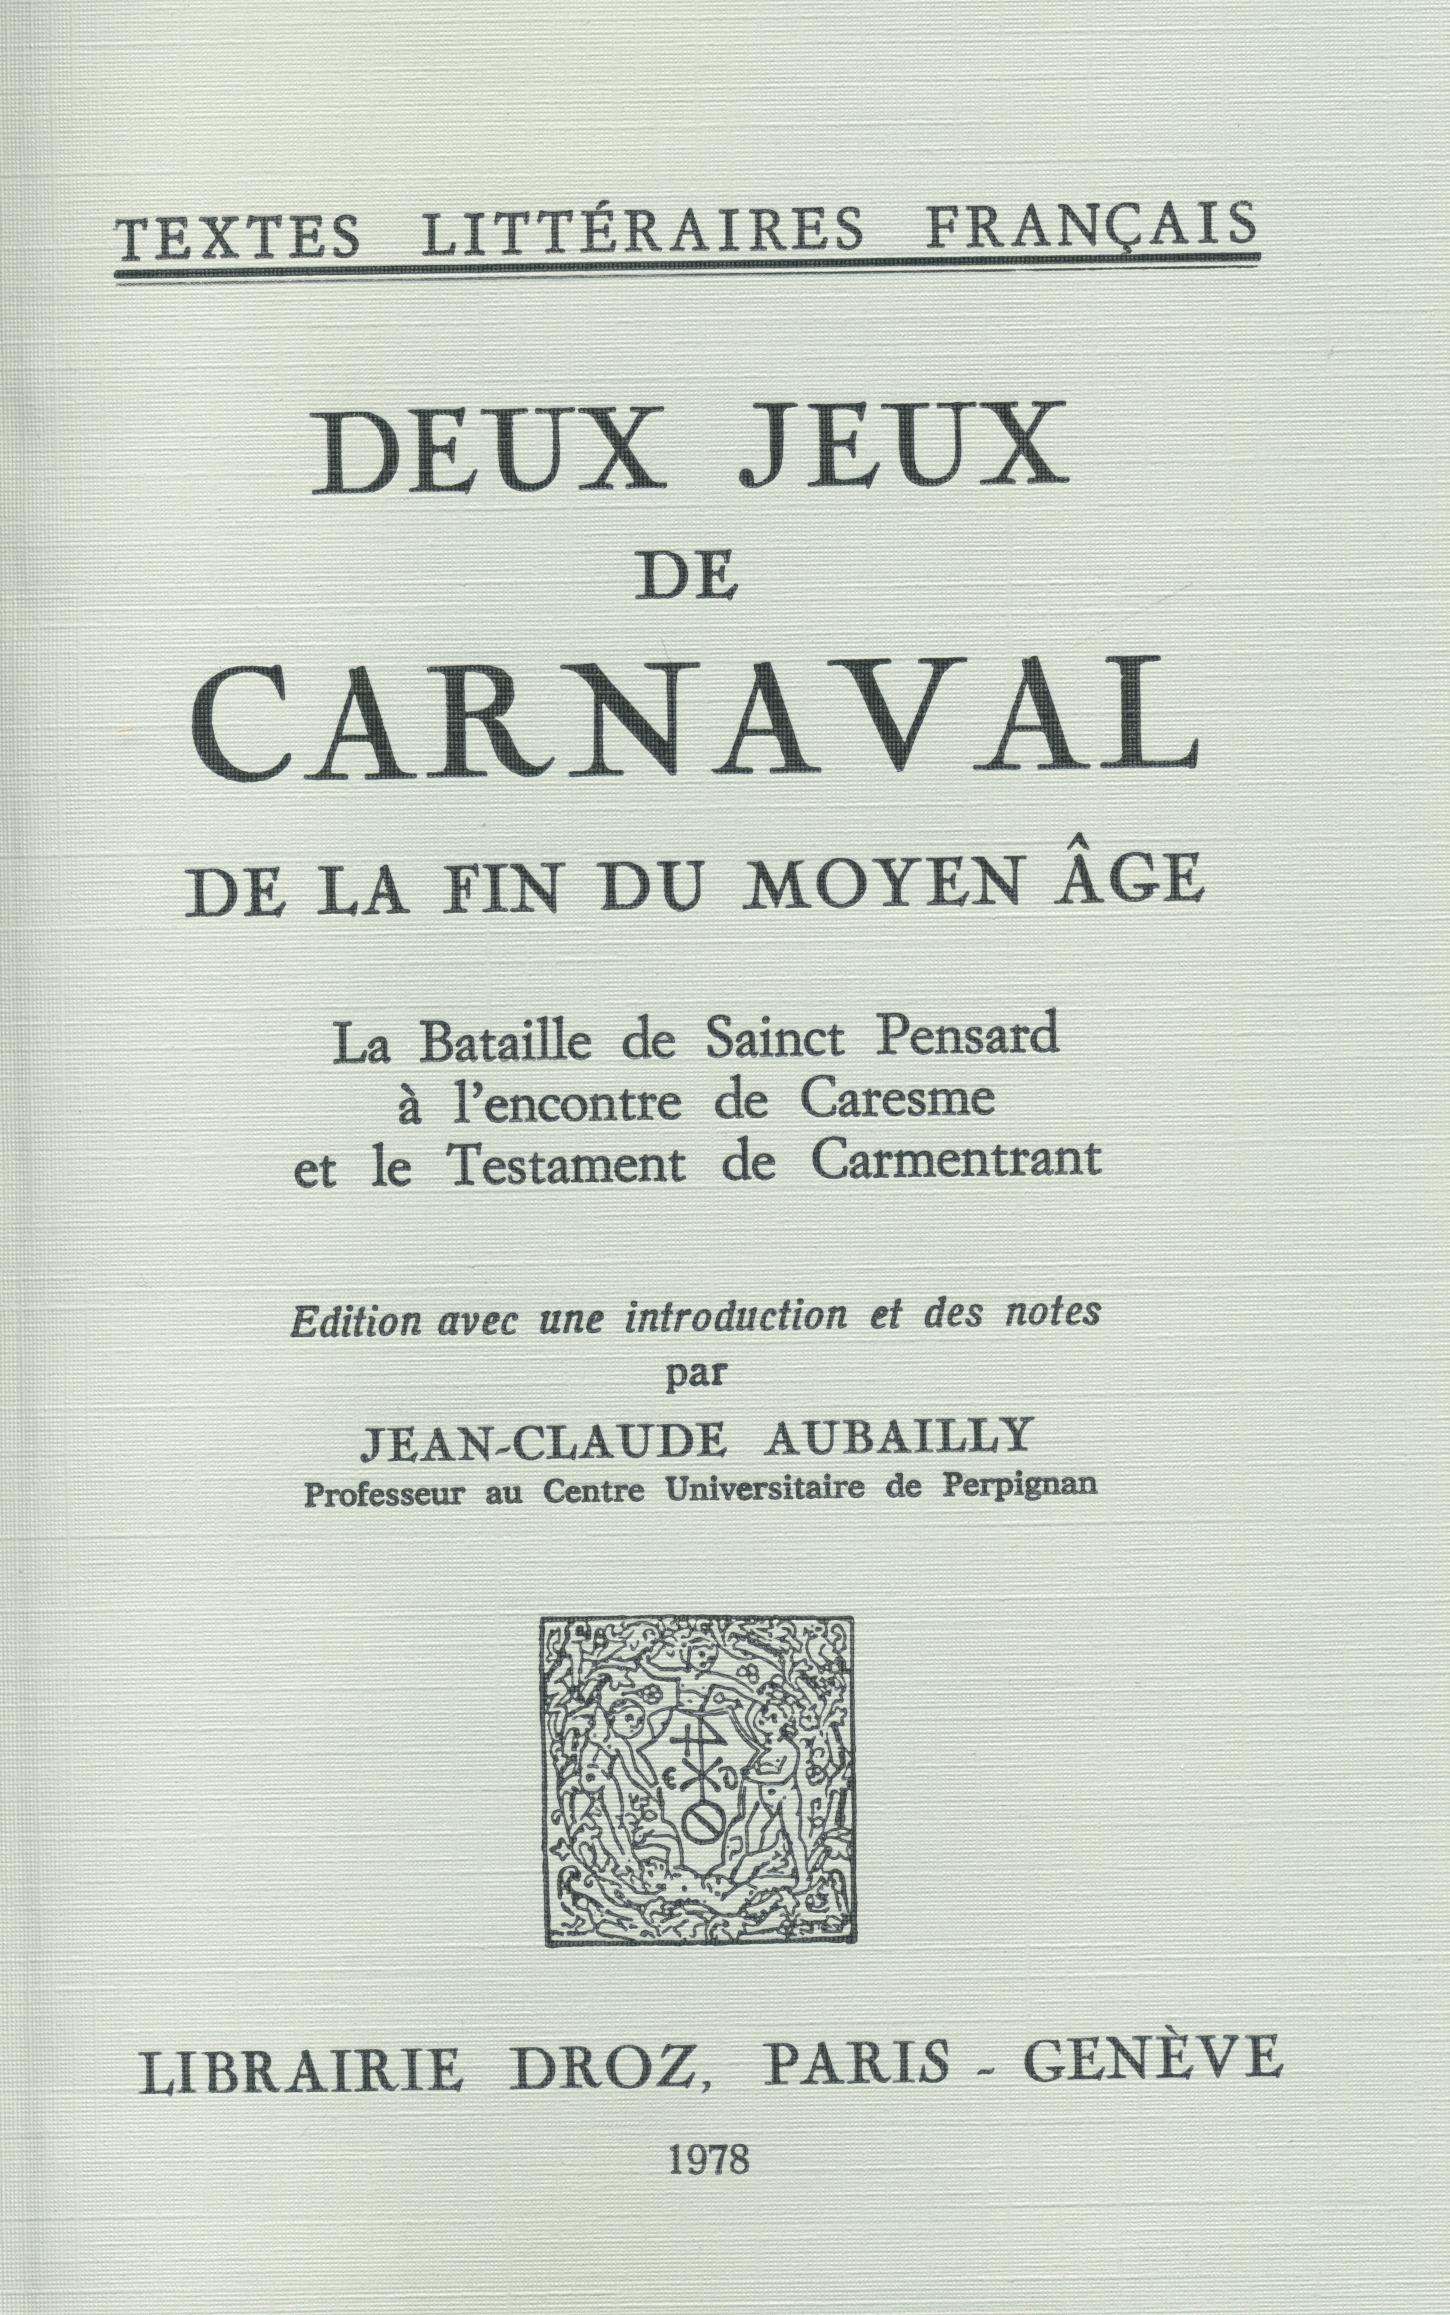 Deux Jeux de Carnaval de la fin du moyen âge :  - Jean-Claude Aubailly